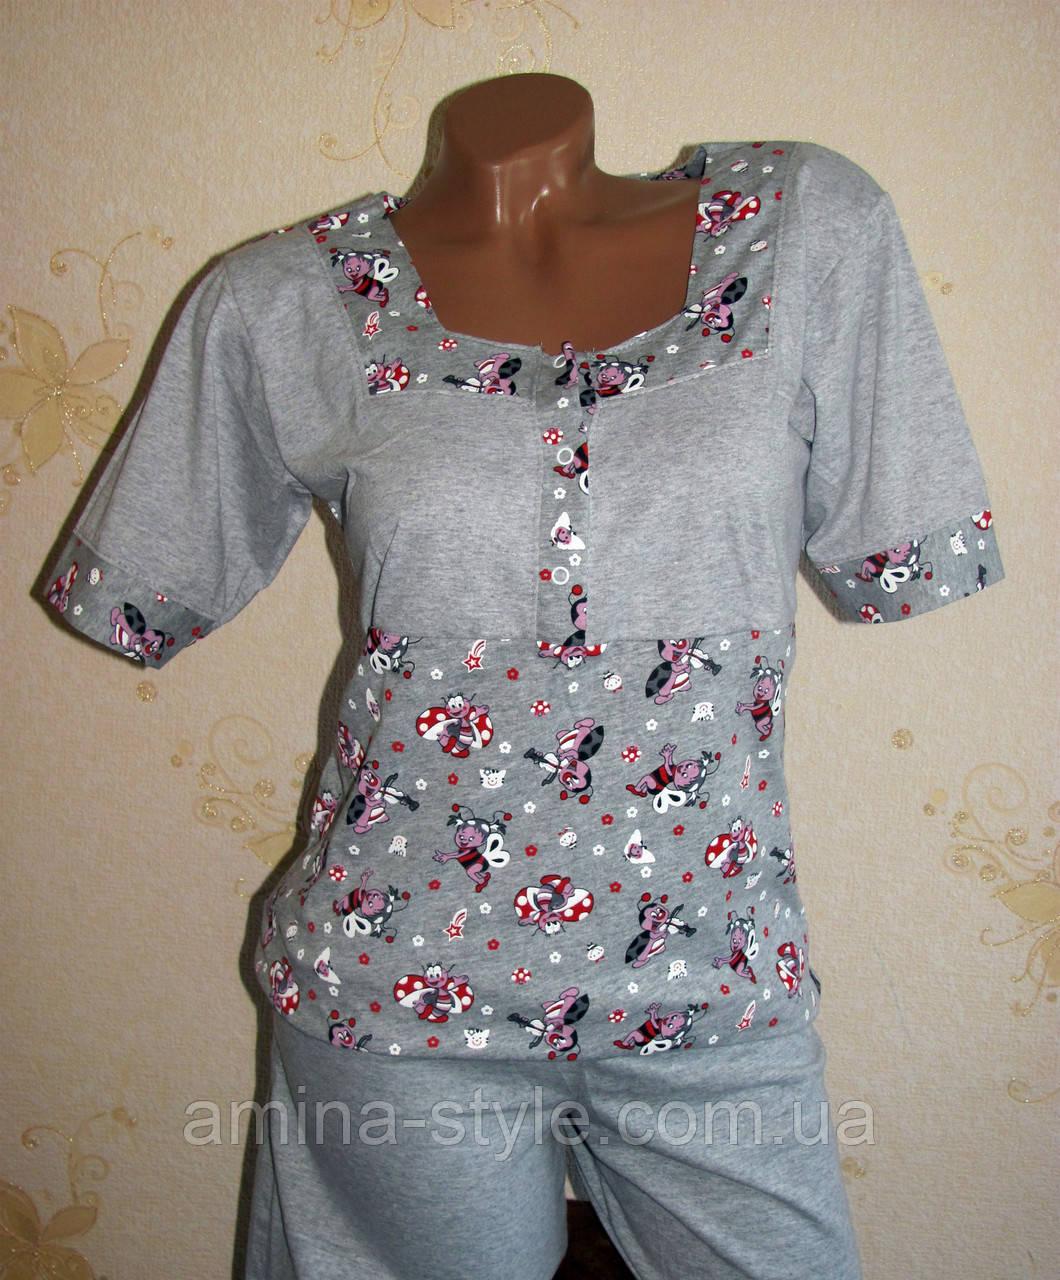 Домашний женский комплект с бриджами, размер 44-46, хлопок